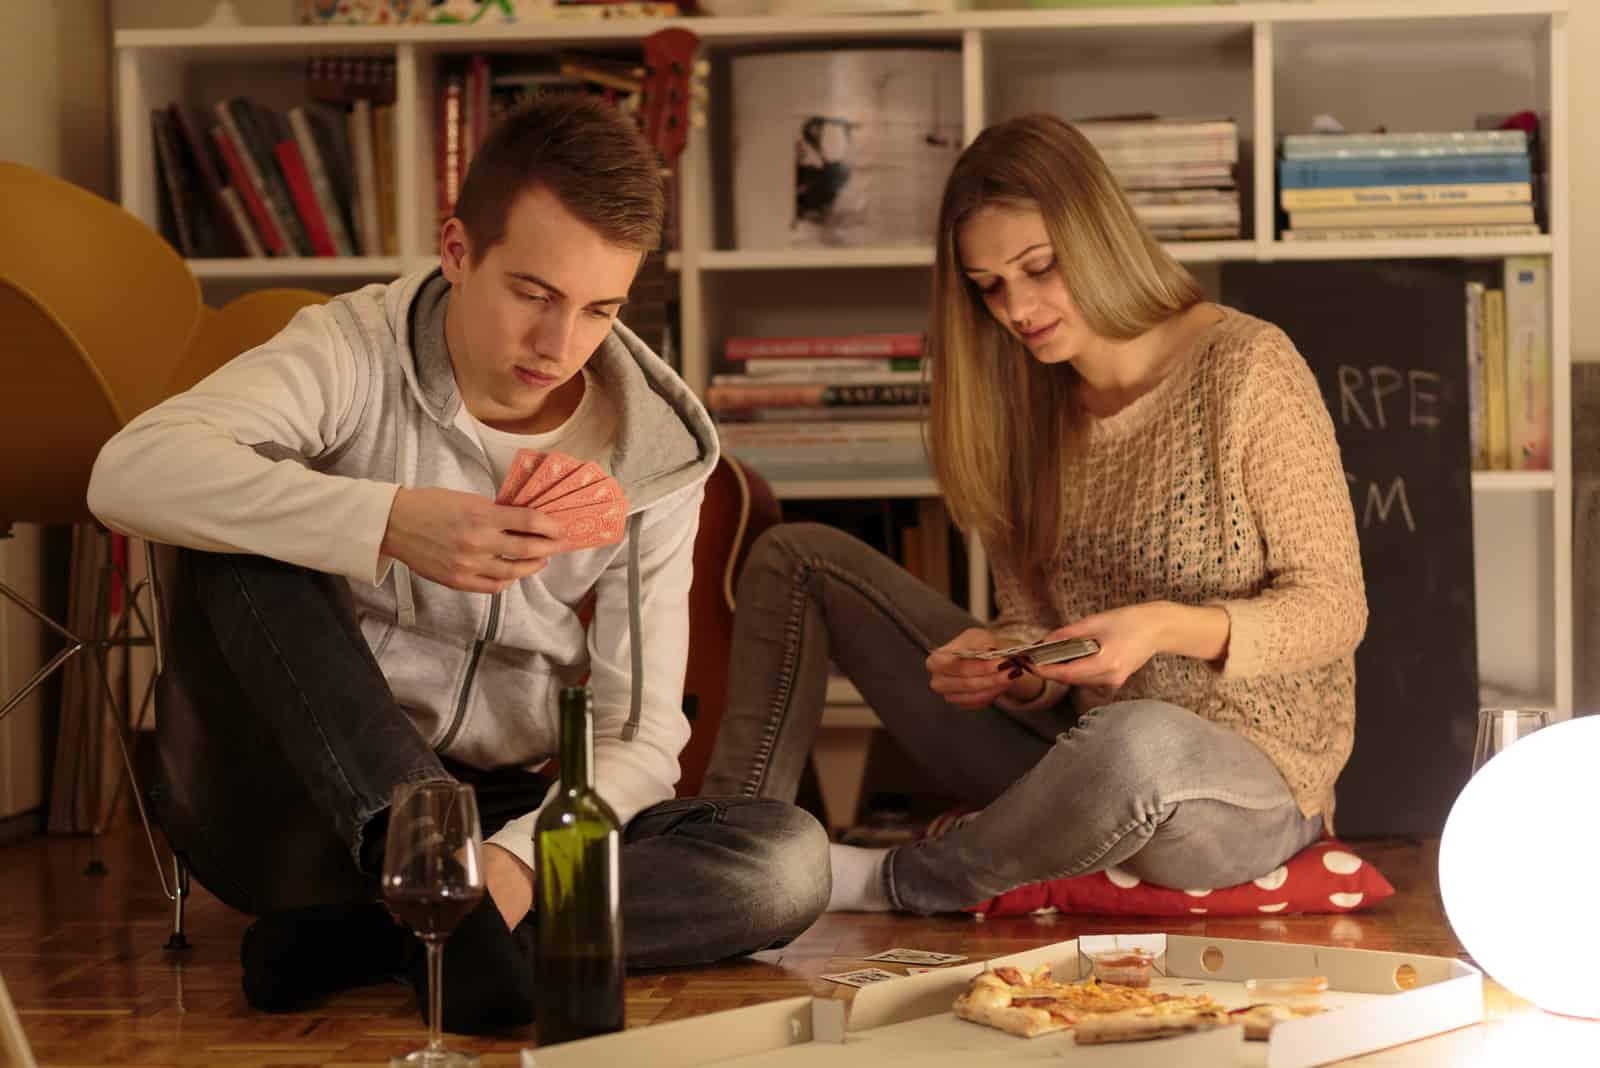 un homme et une femme sont assis sur le sol et jouent aux cartes